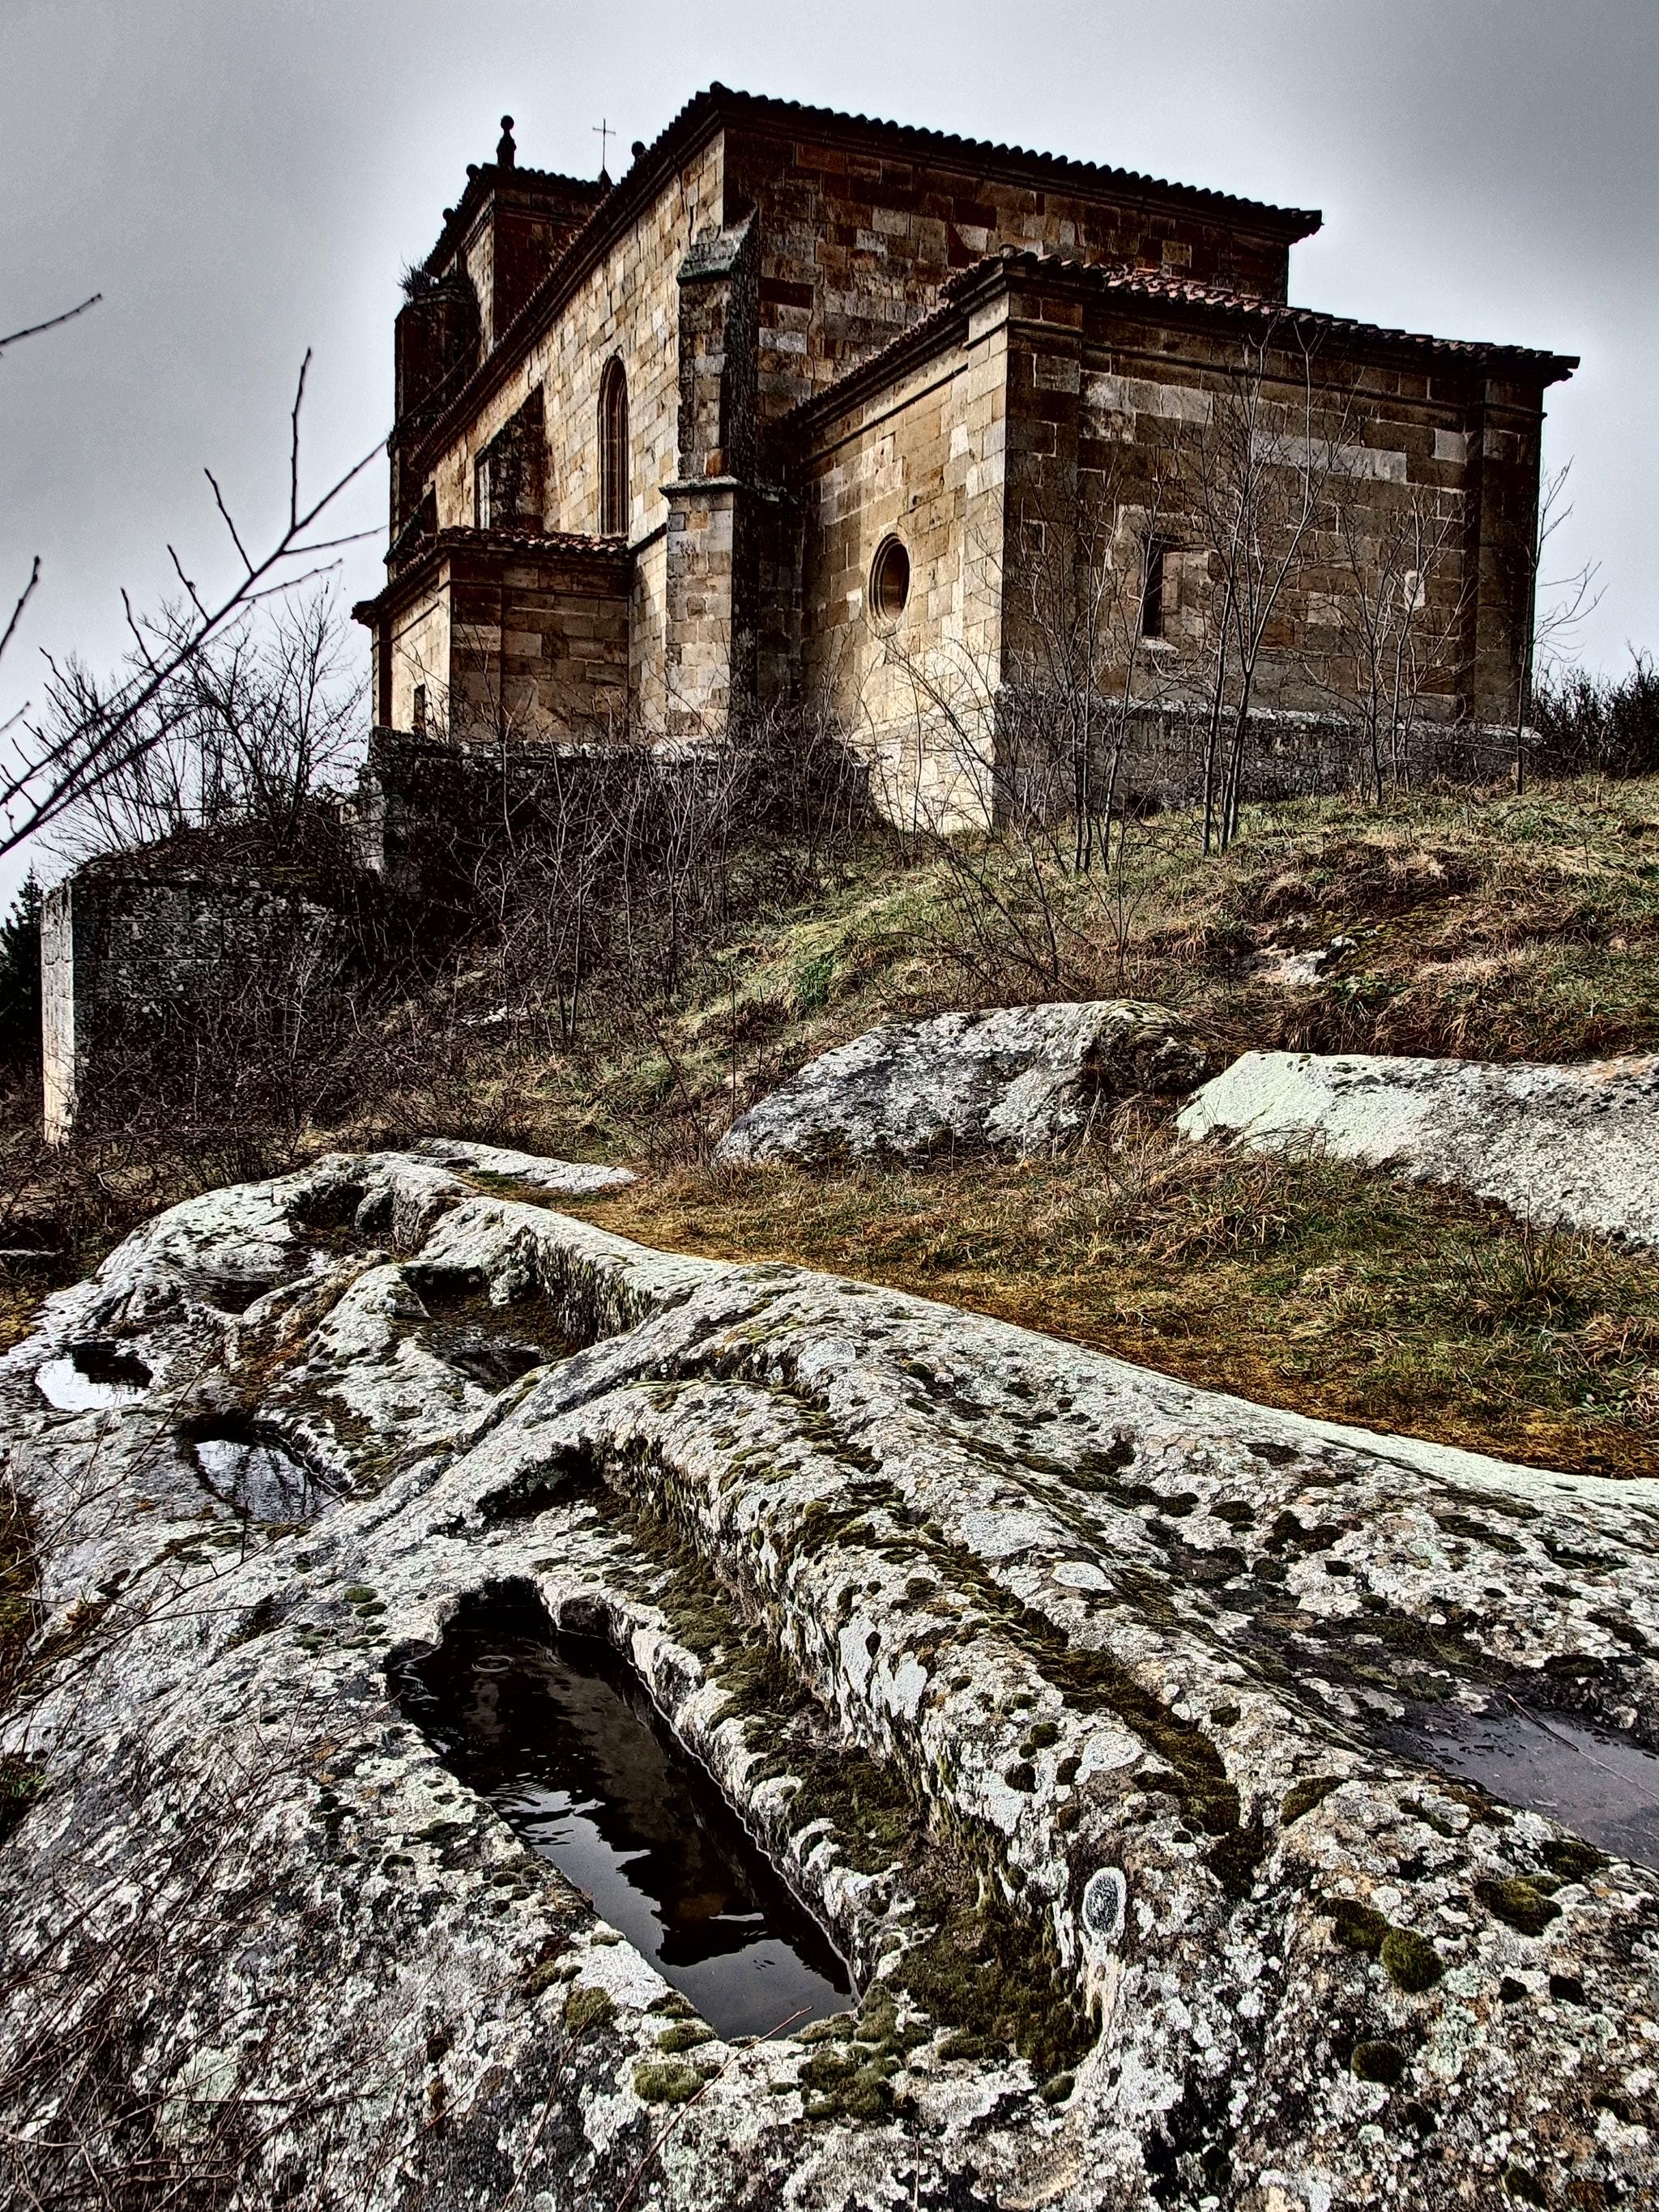 Ferienhaus Haus mit 5 Zimmern in Fuenteodra mit toller Aussicht auf die Berge, eingezäuntem Garten un (2211142), Fuenteodra, Burgos, Kastilien-León, Spanien, Bild 75